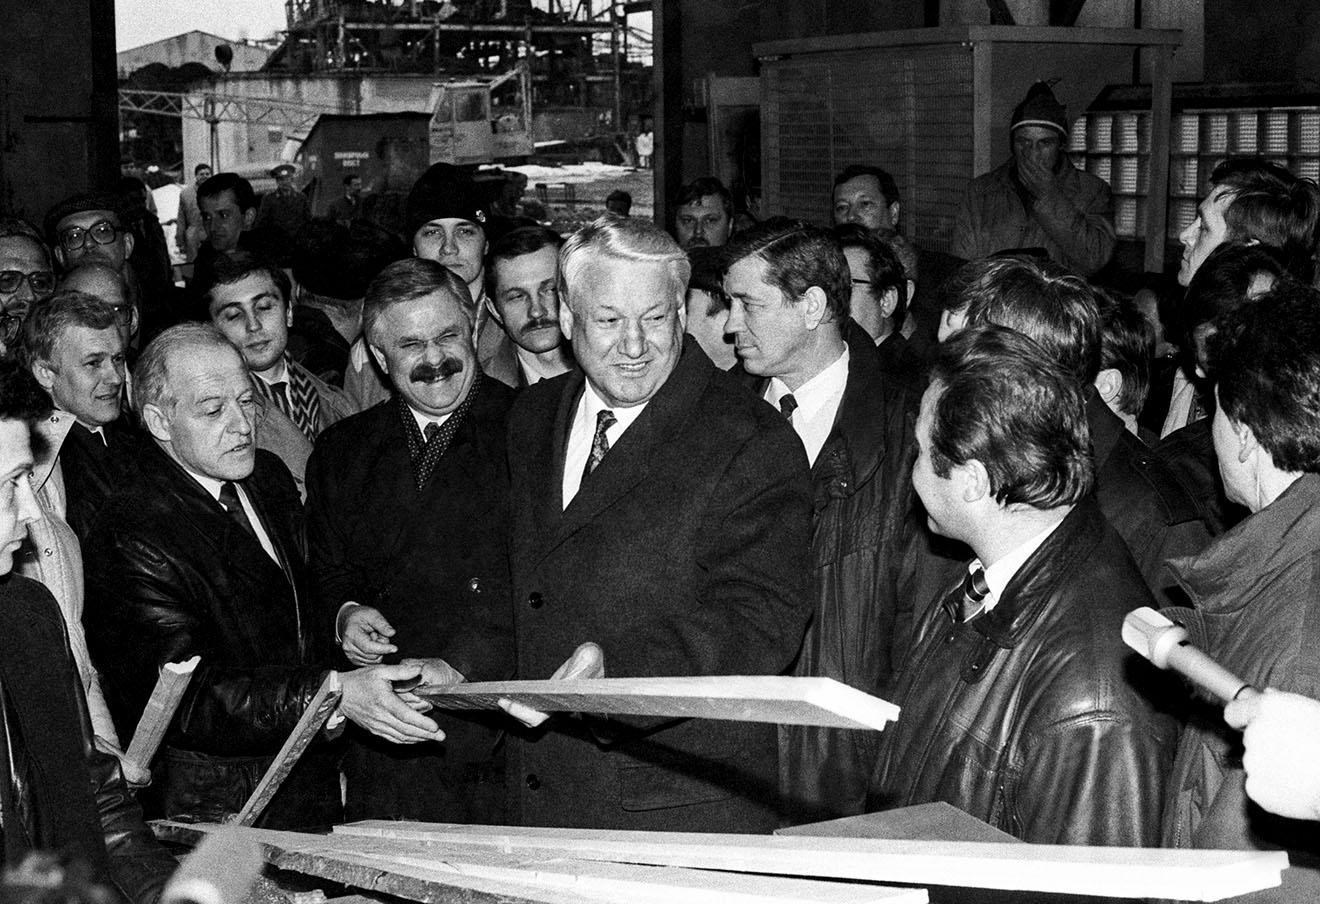 Борис Ельцин и вице-президент Александр Руцкой (в центре) в цехе строительных конструкций агропромышленного комплекса «Интерферма», 1992 год.